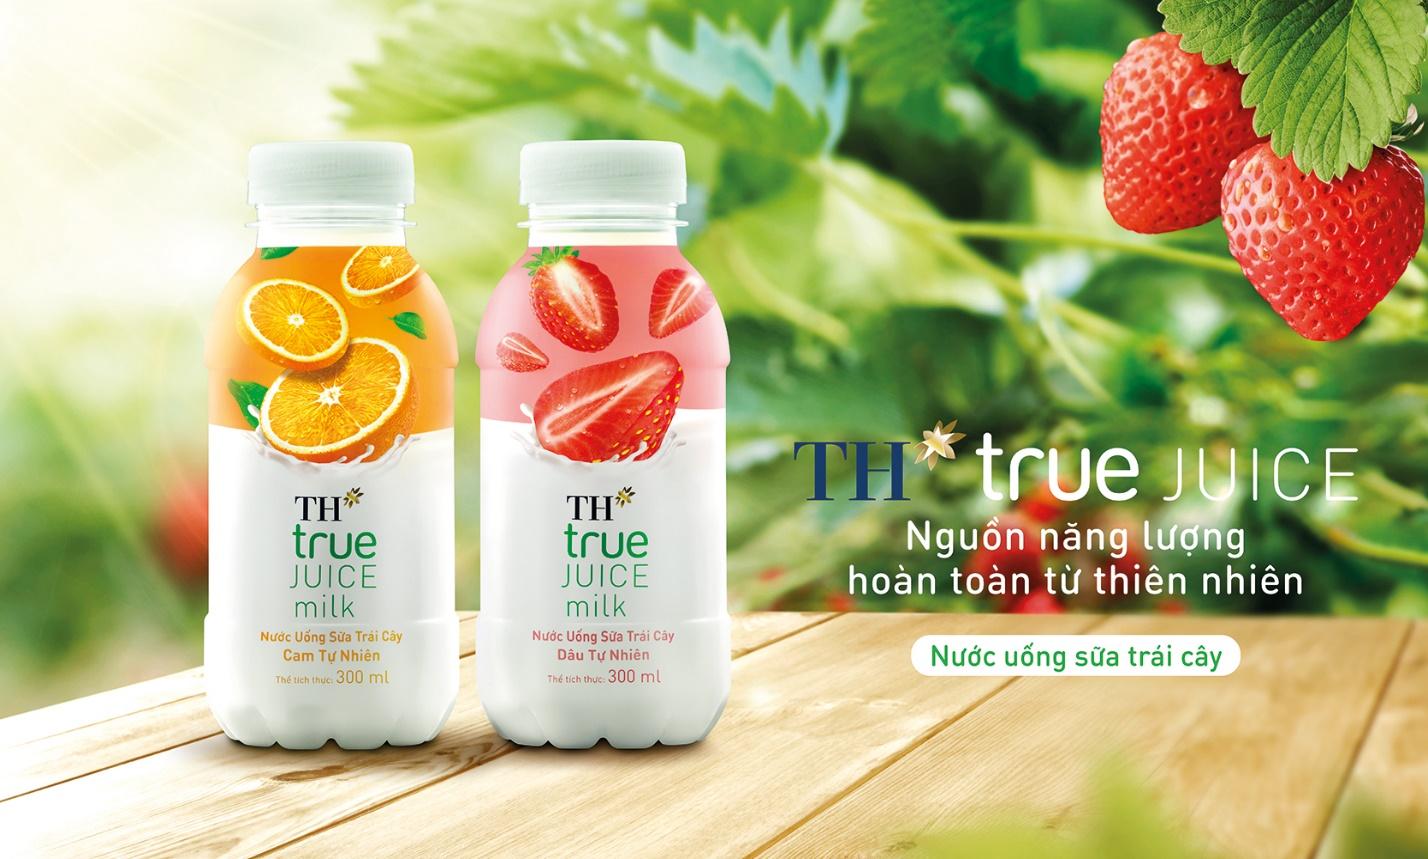 Bao bì trẻ trung, bắt mắt của sản phẩm Nước uống sữa trái cây TH true JUICE milk.